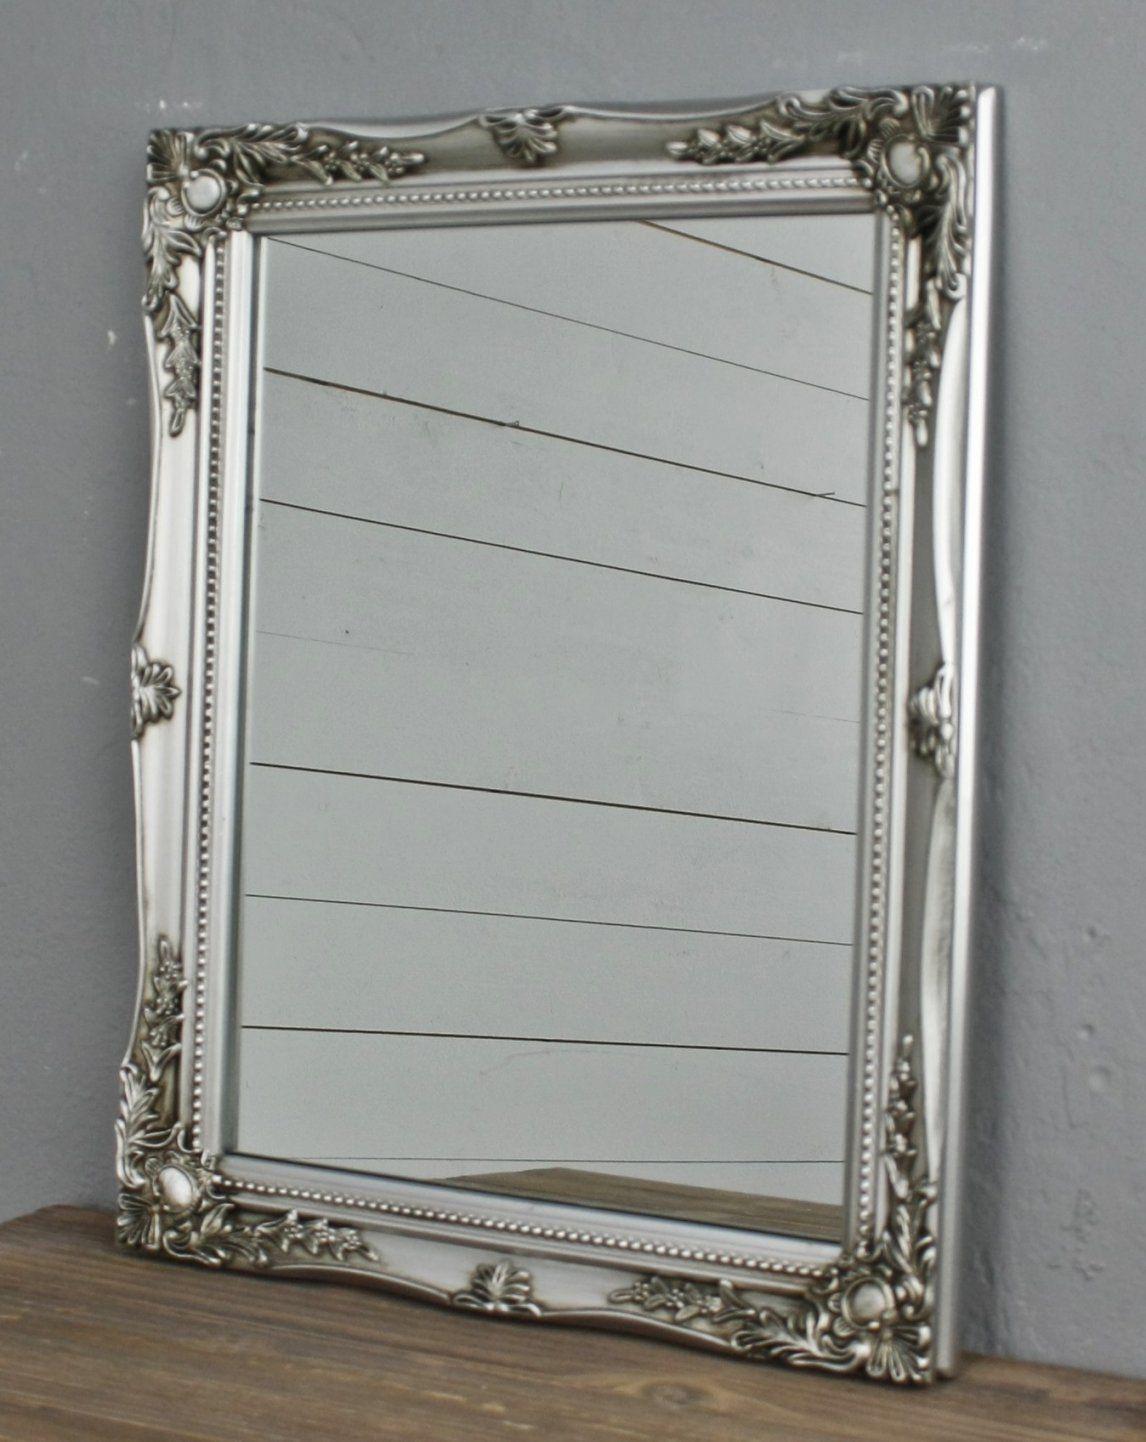 Barock Spiegel Silber Spiegel Silber Barock Spiegel Silber Barock von Barock Spiegel Silber Groß Photo